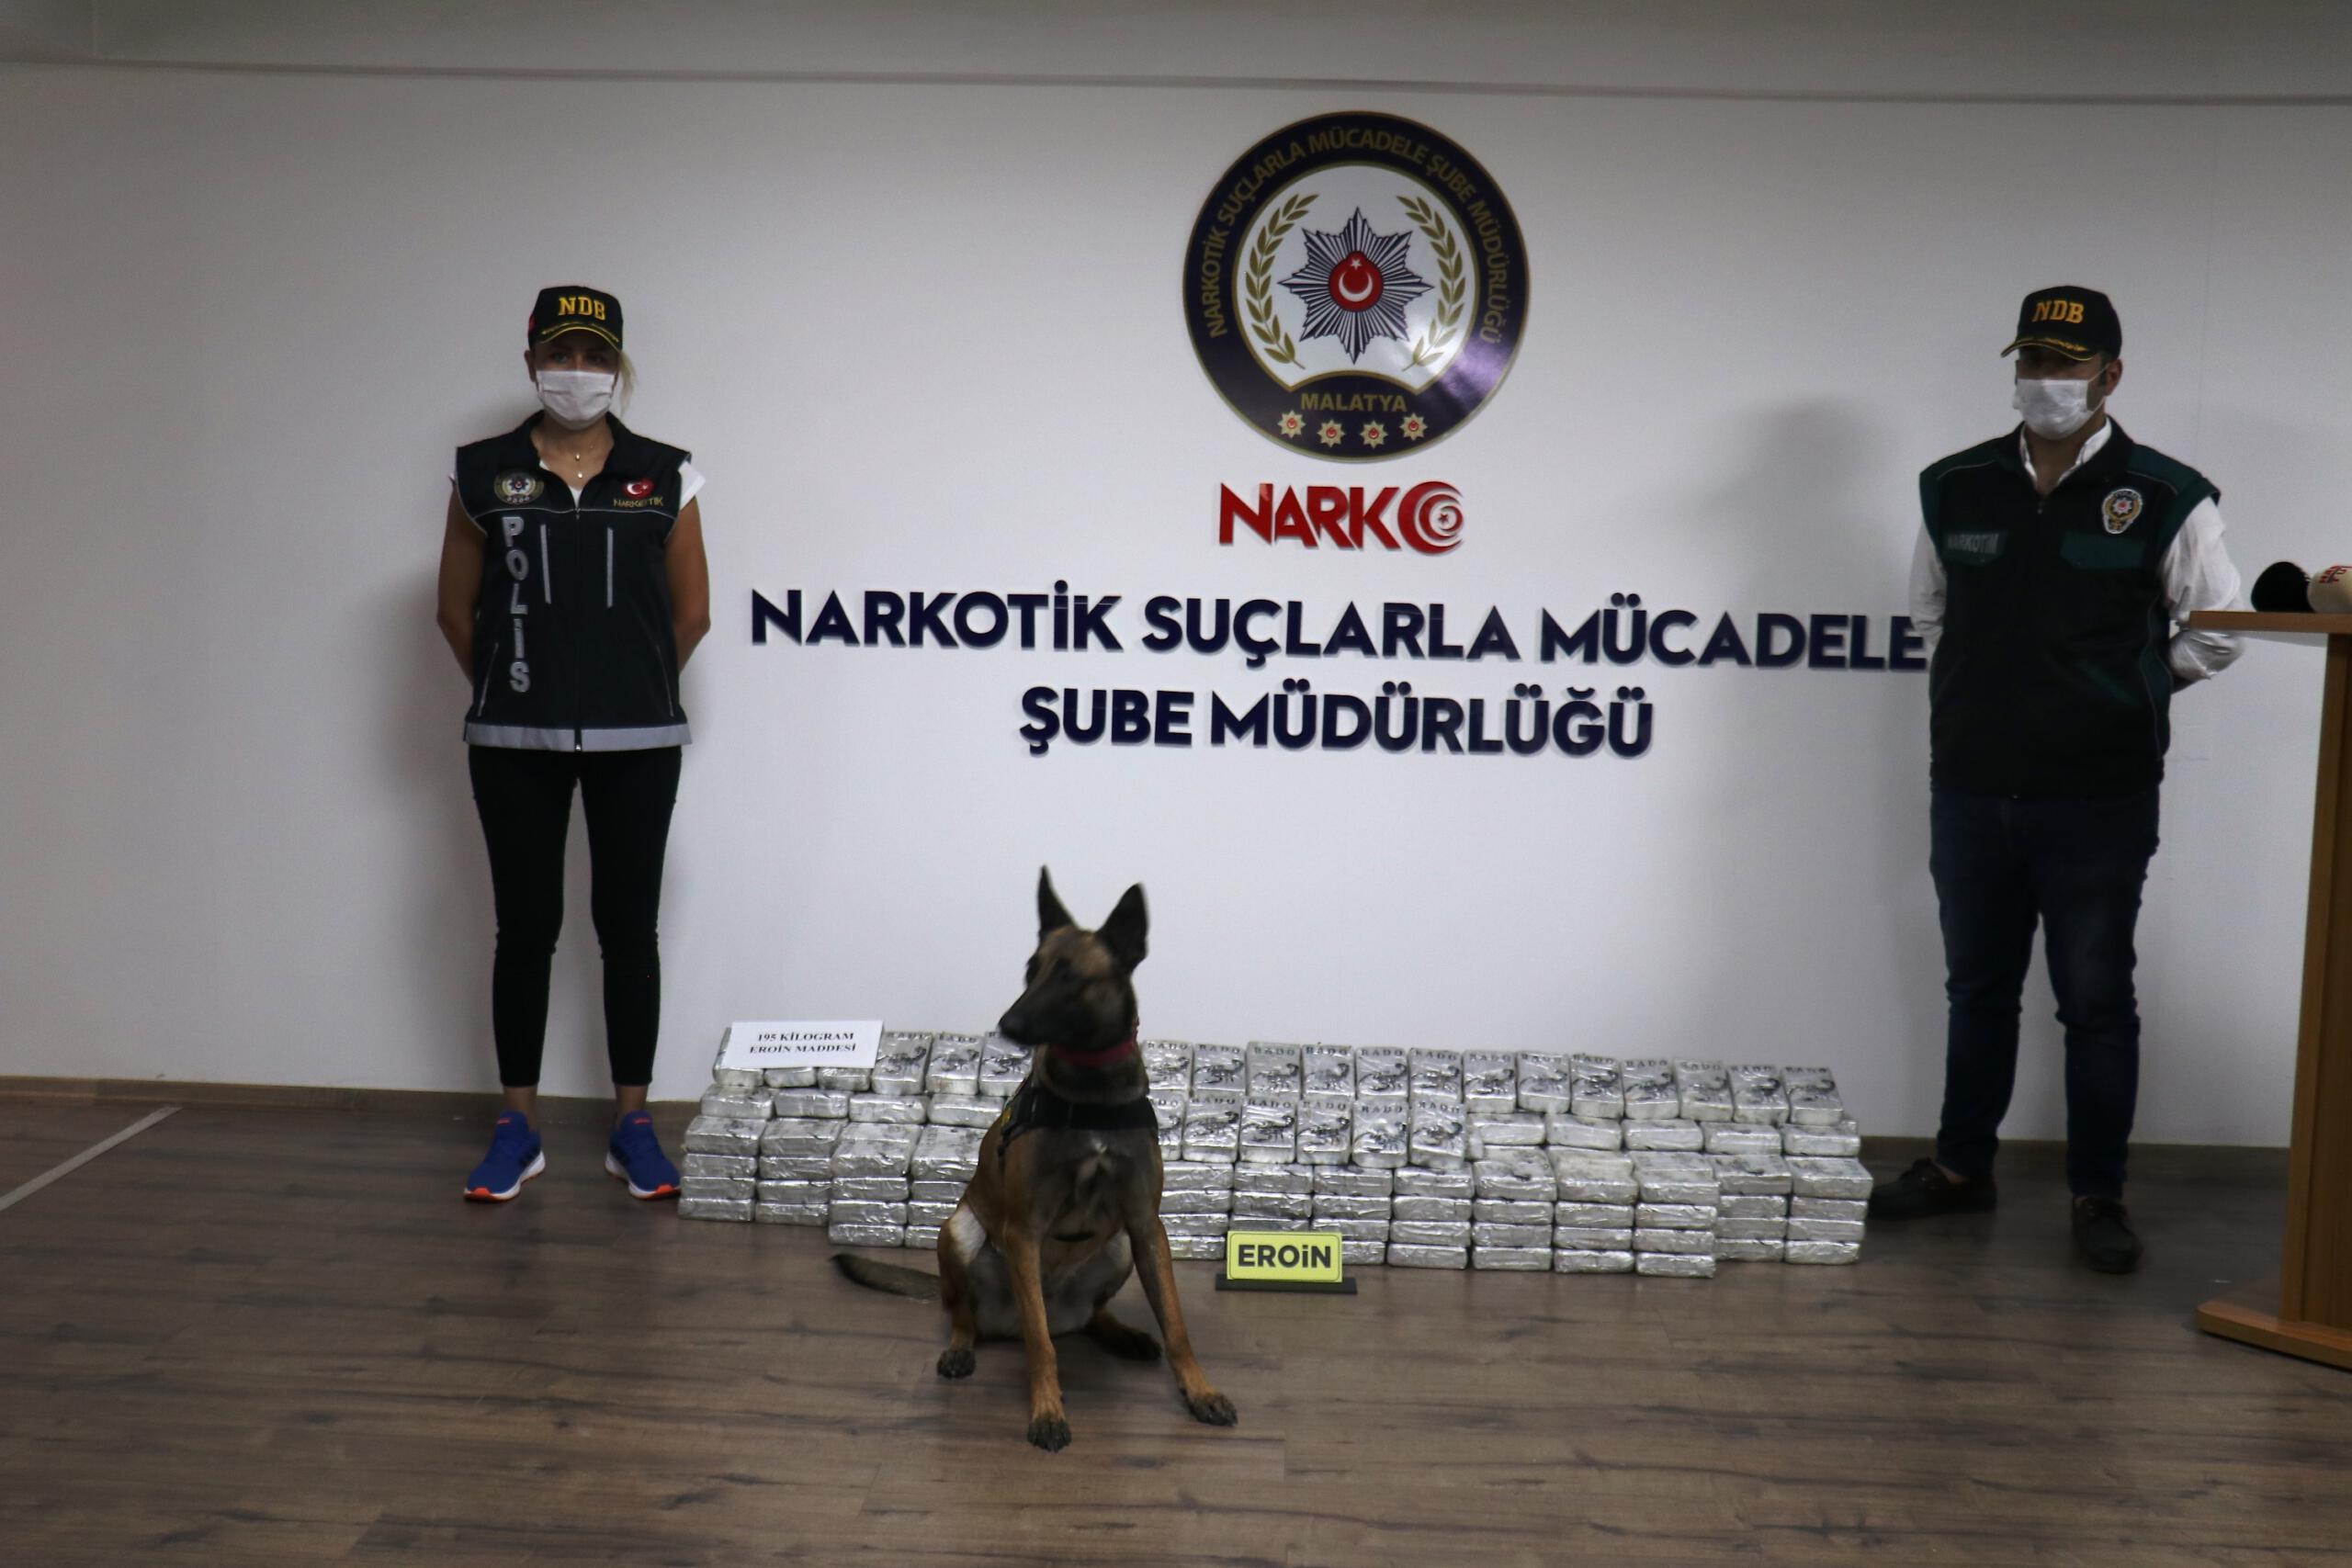 Malatya'da 195 kilo eroin ele geçirildi